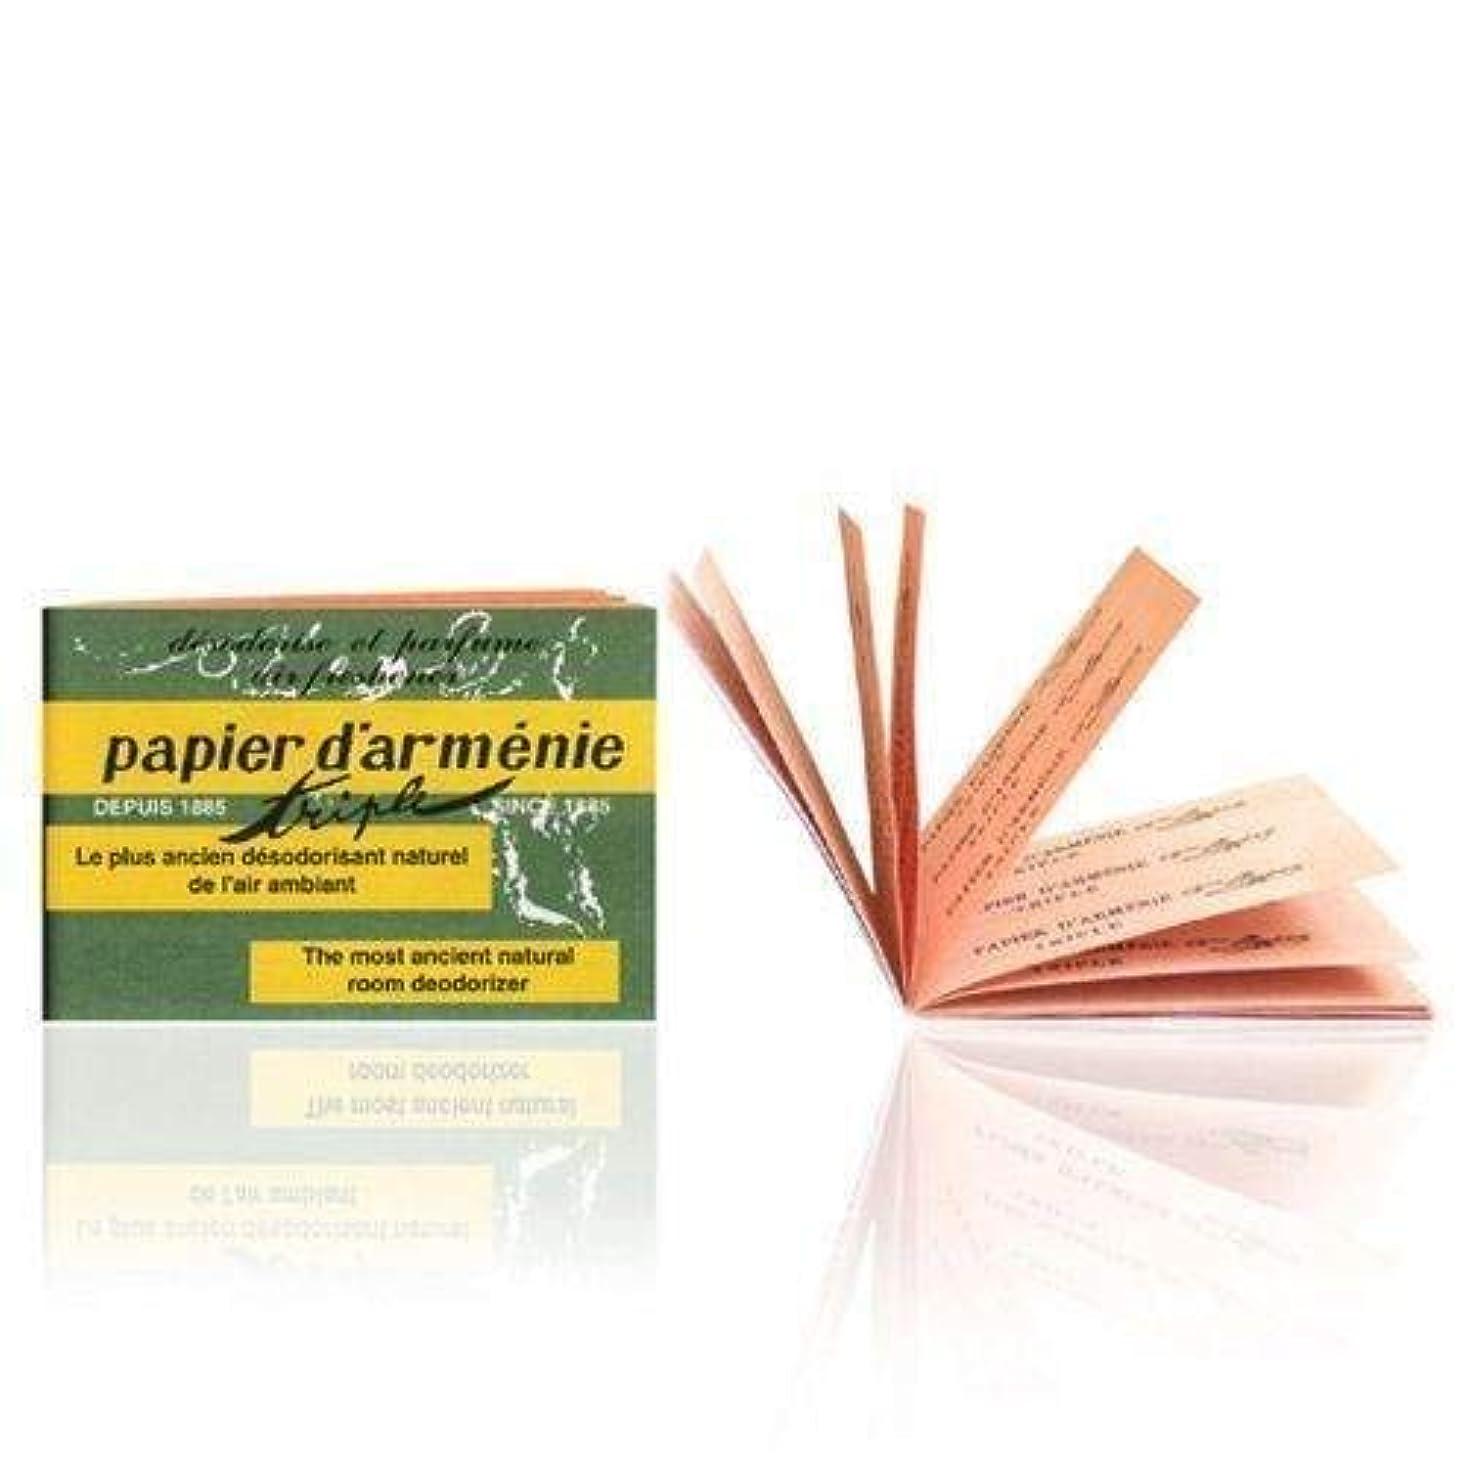 研究所無一文前提Papier d'Arménie パピエダルメニイ トリプル 紙のお香 フランス直送 [並行輸入品]